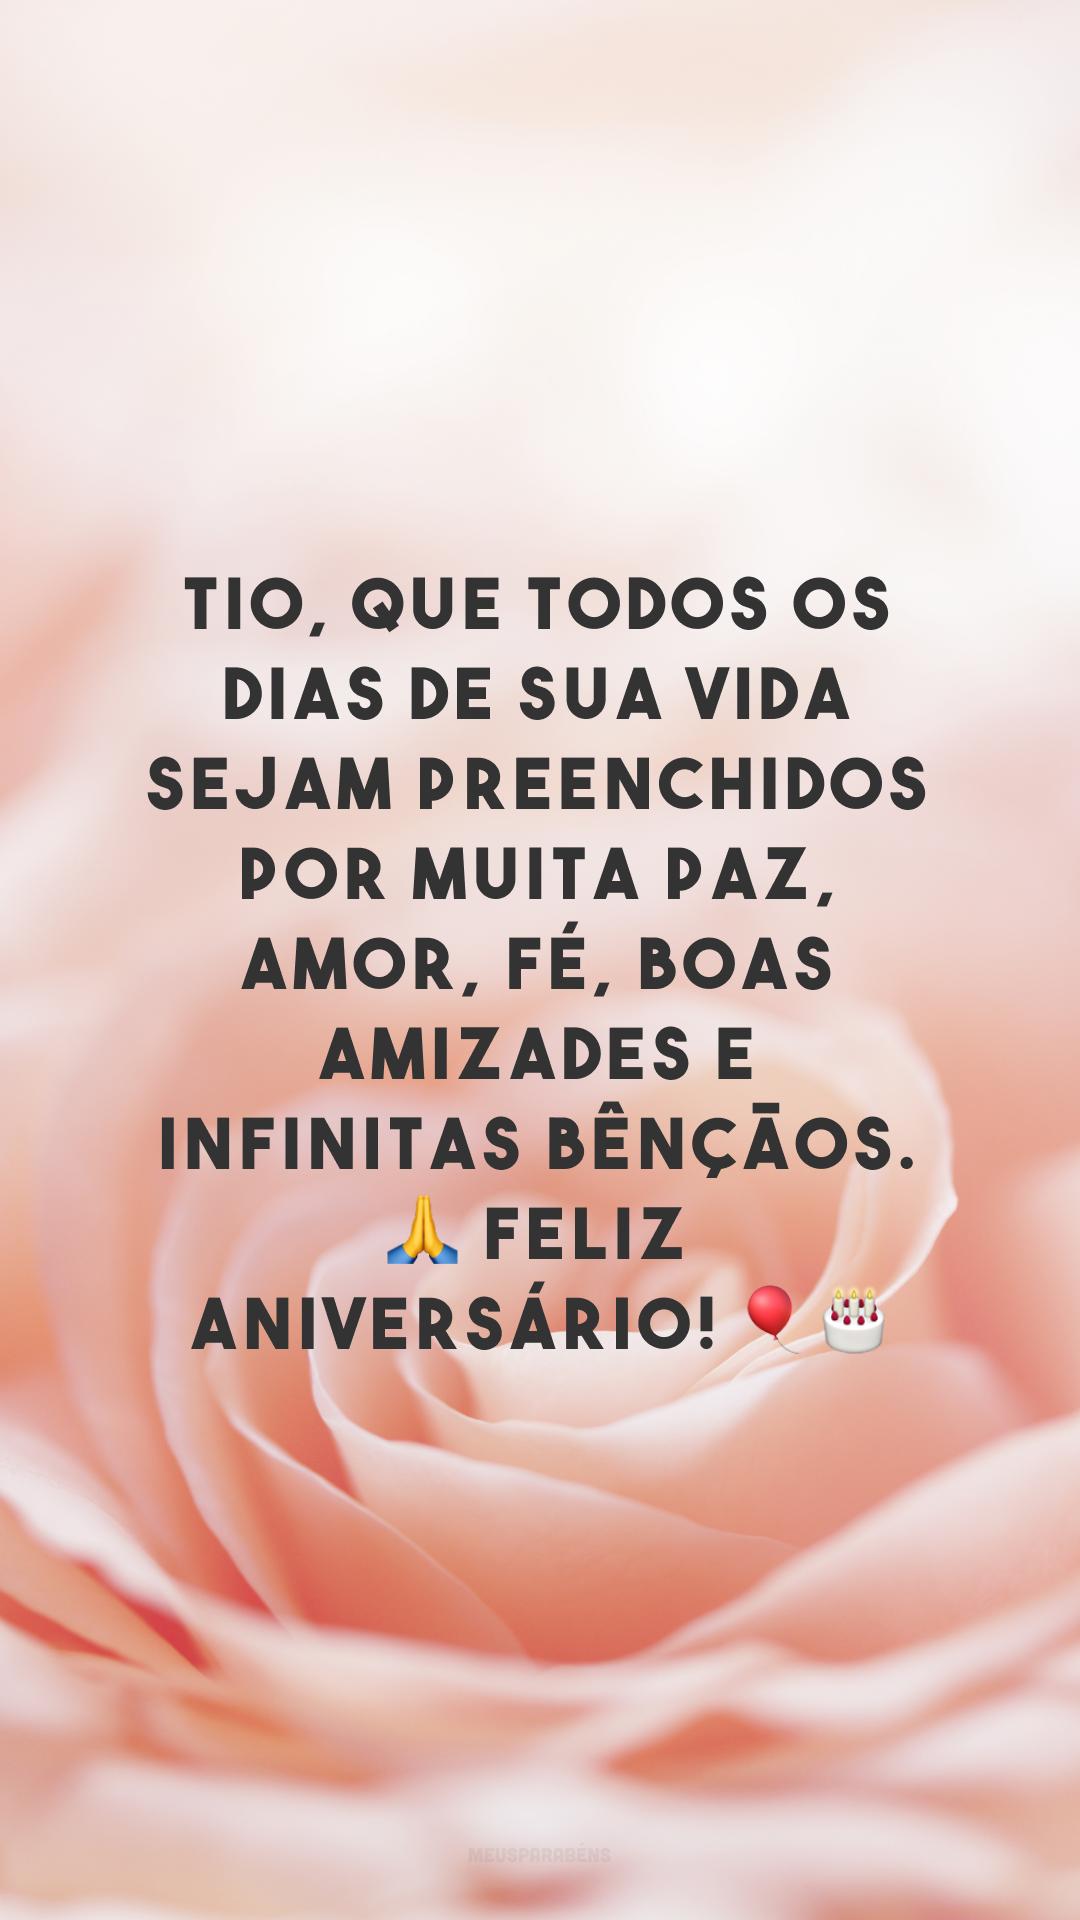 Tio, que todos os dias de sua vida sejam preenchidos por muita paz, amor, fé, boas amizades e infinitas bênçãos. ? Feliz aniversário! ??